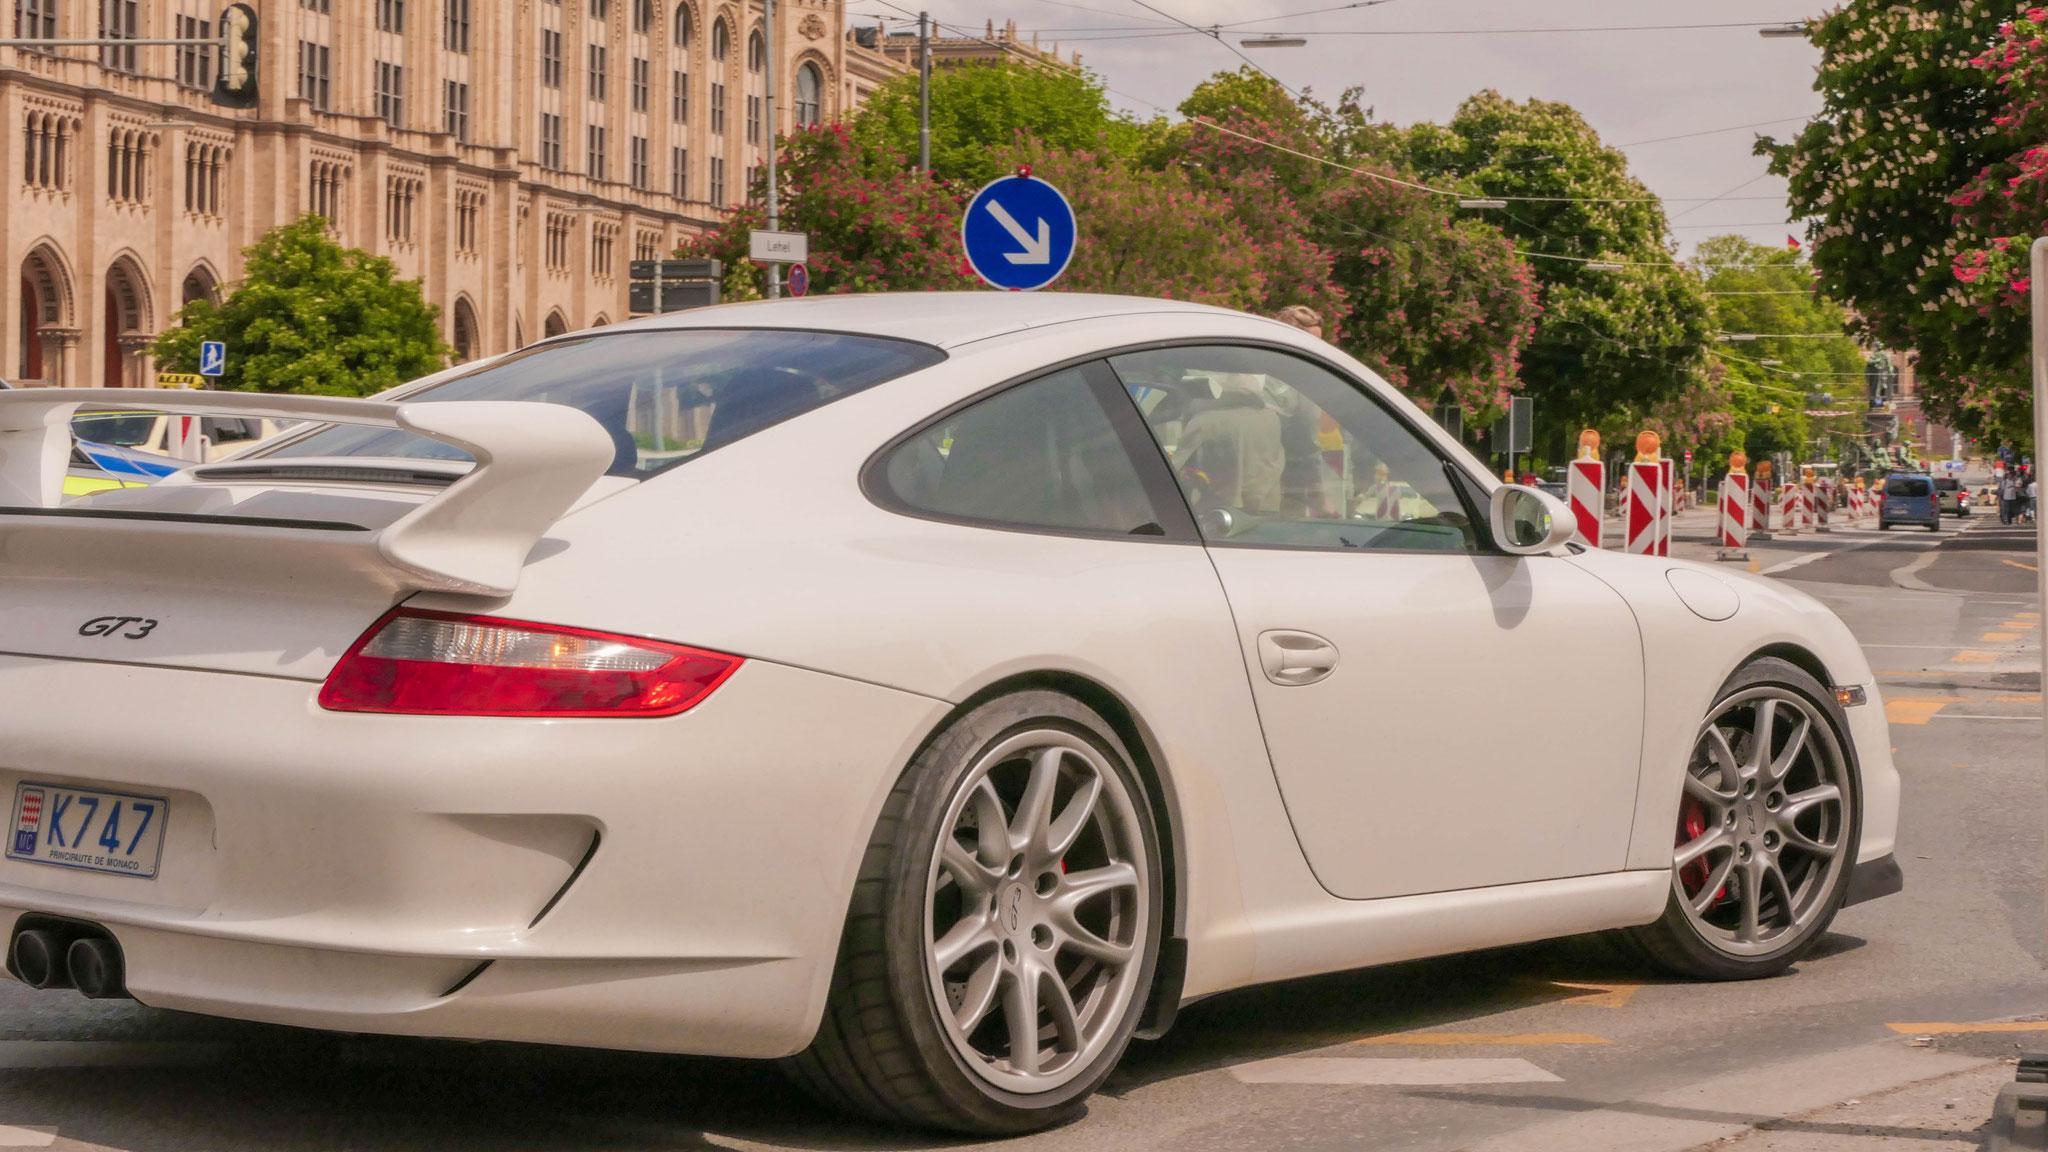 Porsche GT3 997 - K747 (MC)